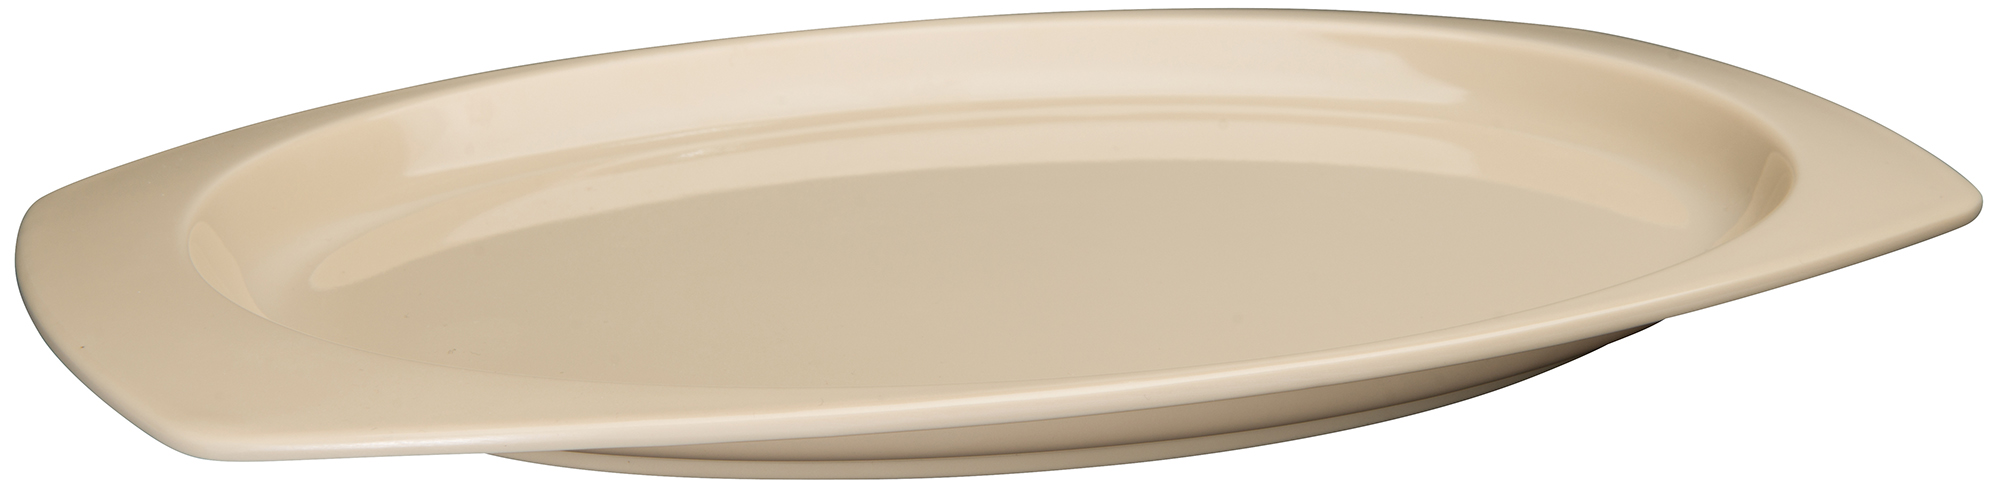 Winco MMPT-1510 rectangulater platter